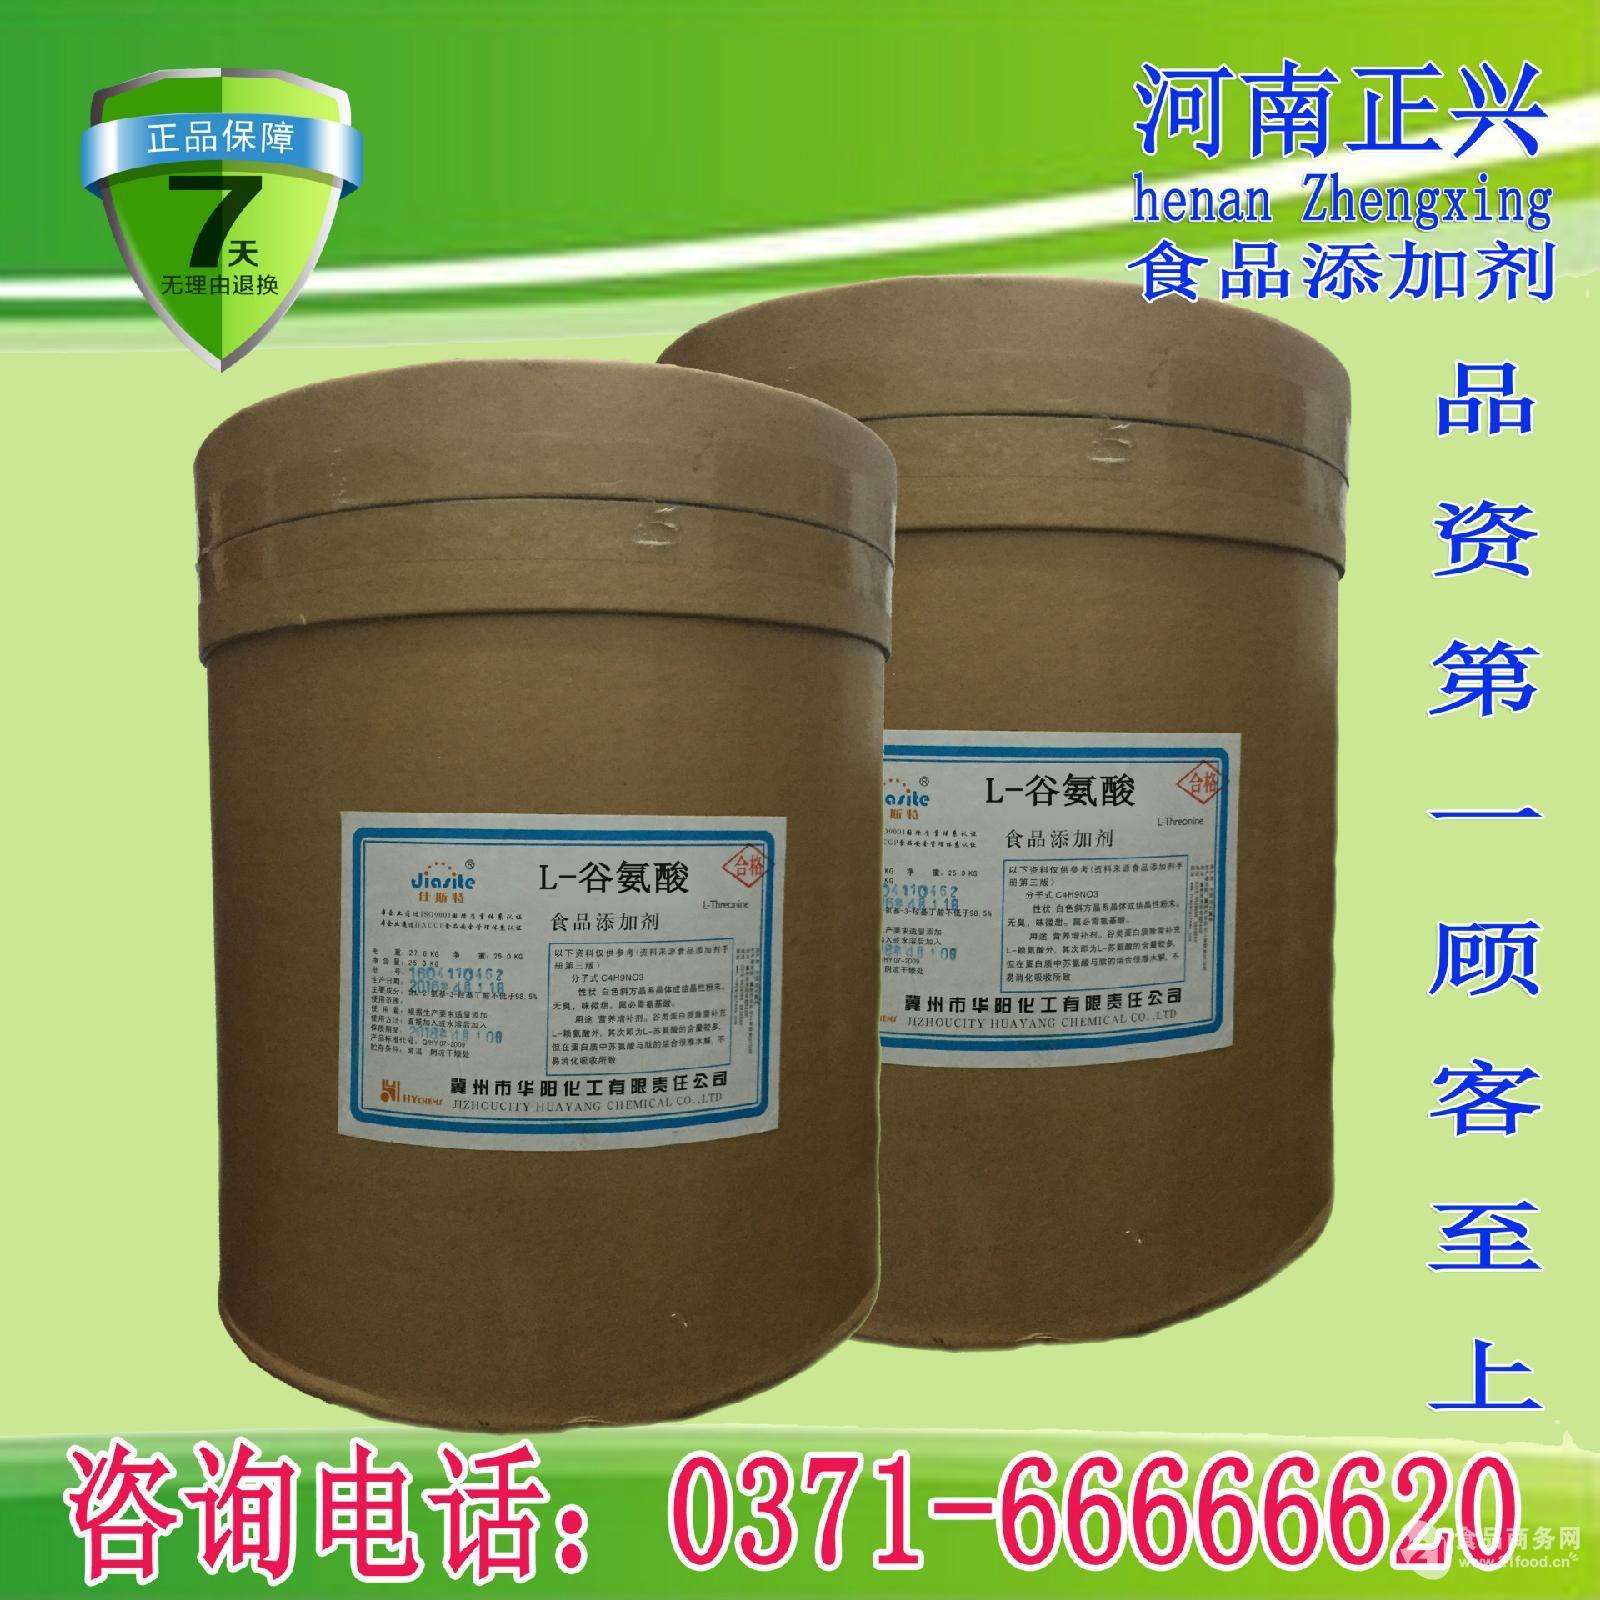 专业供应食品级 L-谷氨酸 谷氨酸 99%